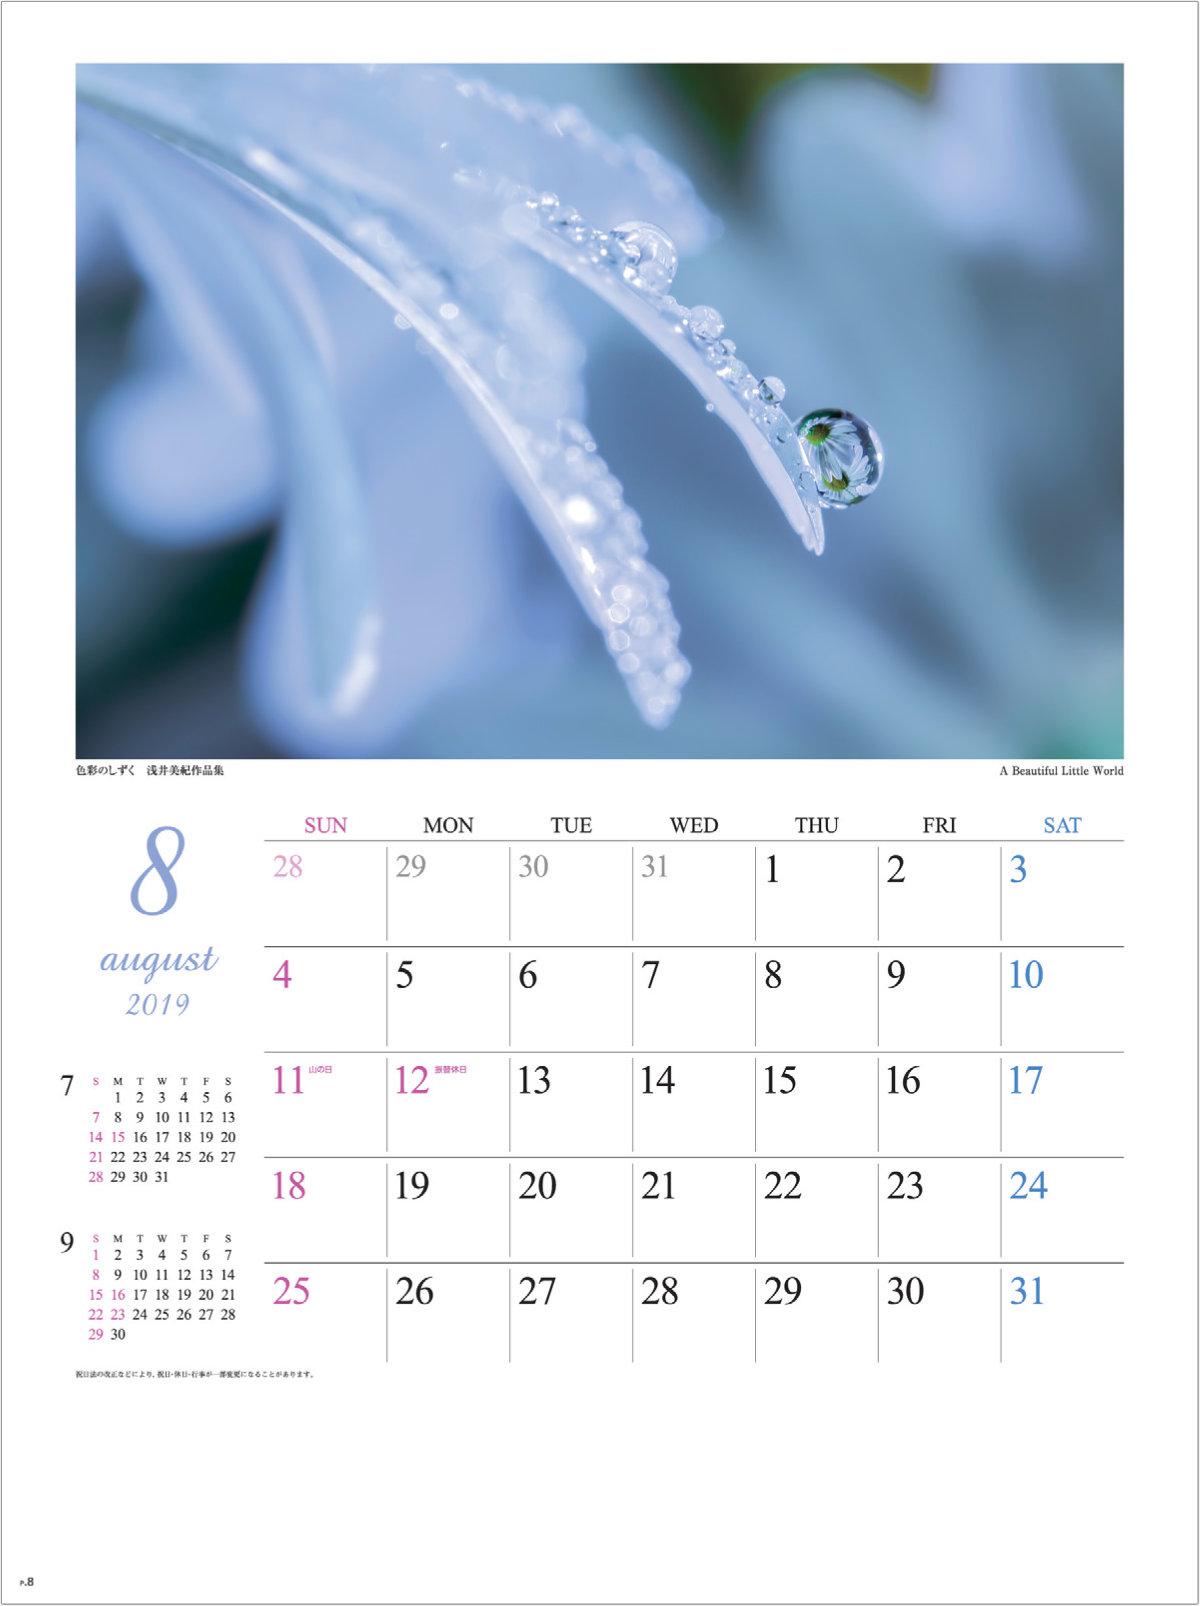 画像:浅井美紀 写真作品「A Beautiful Little World」 色彩のしずく・浅井美紀作品集 2019年カレンダー